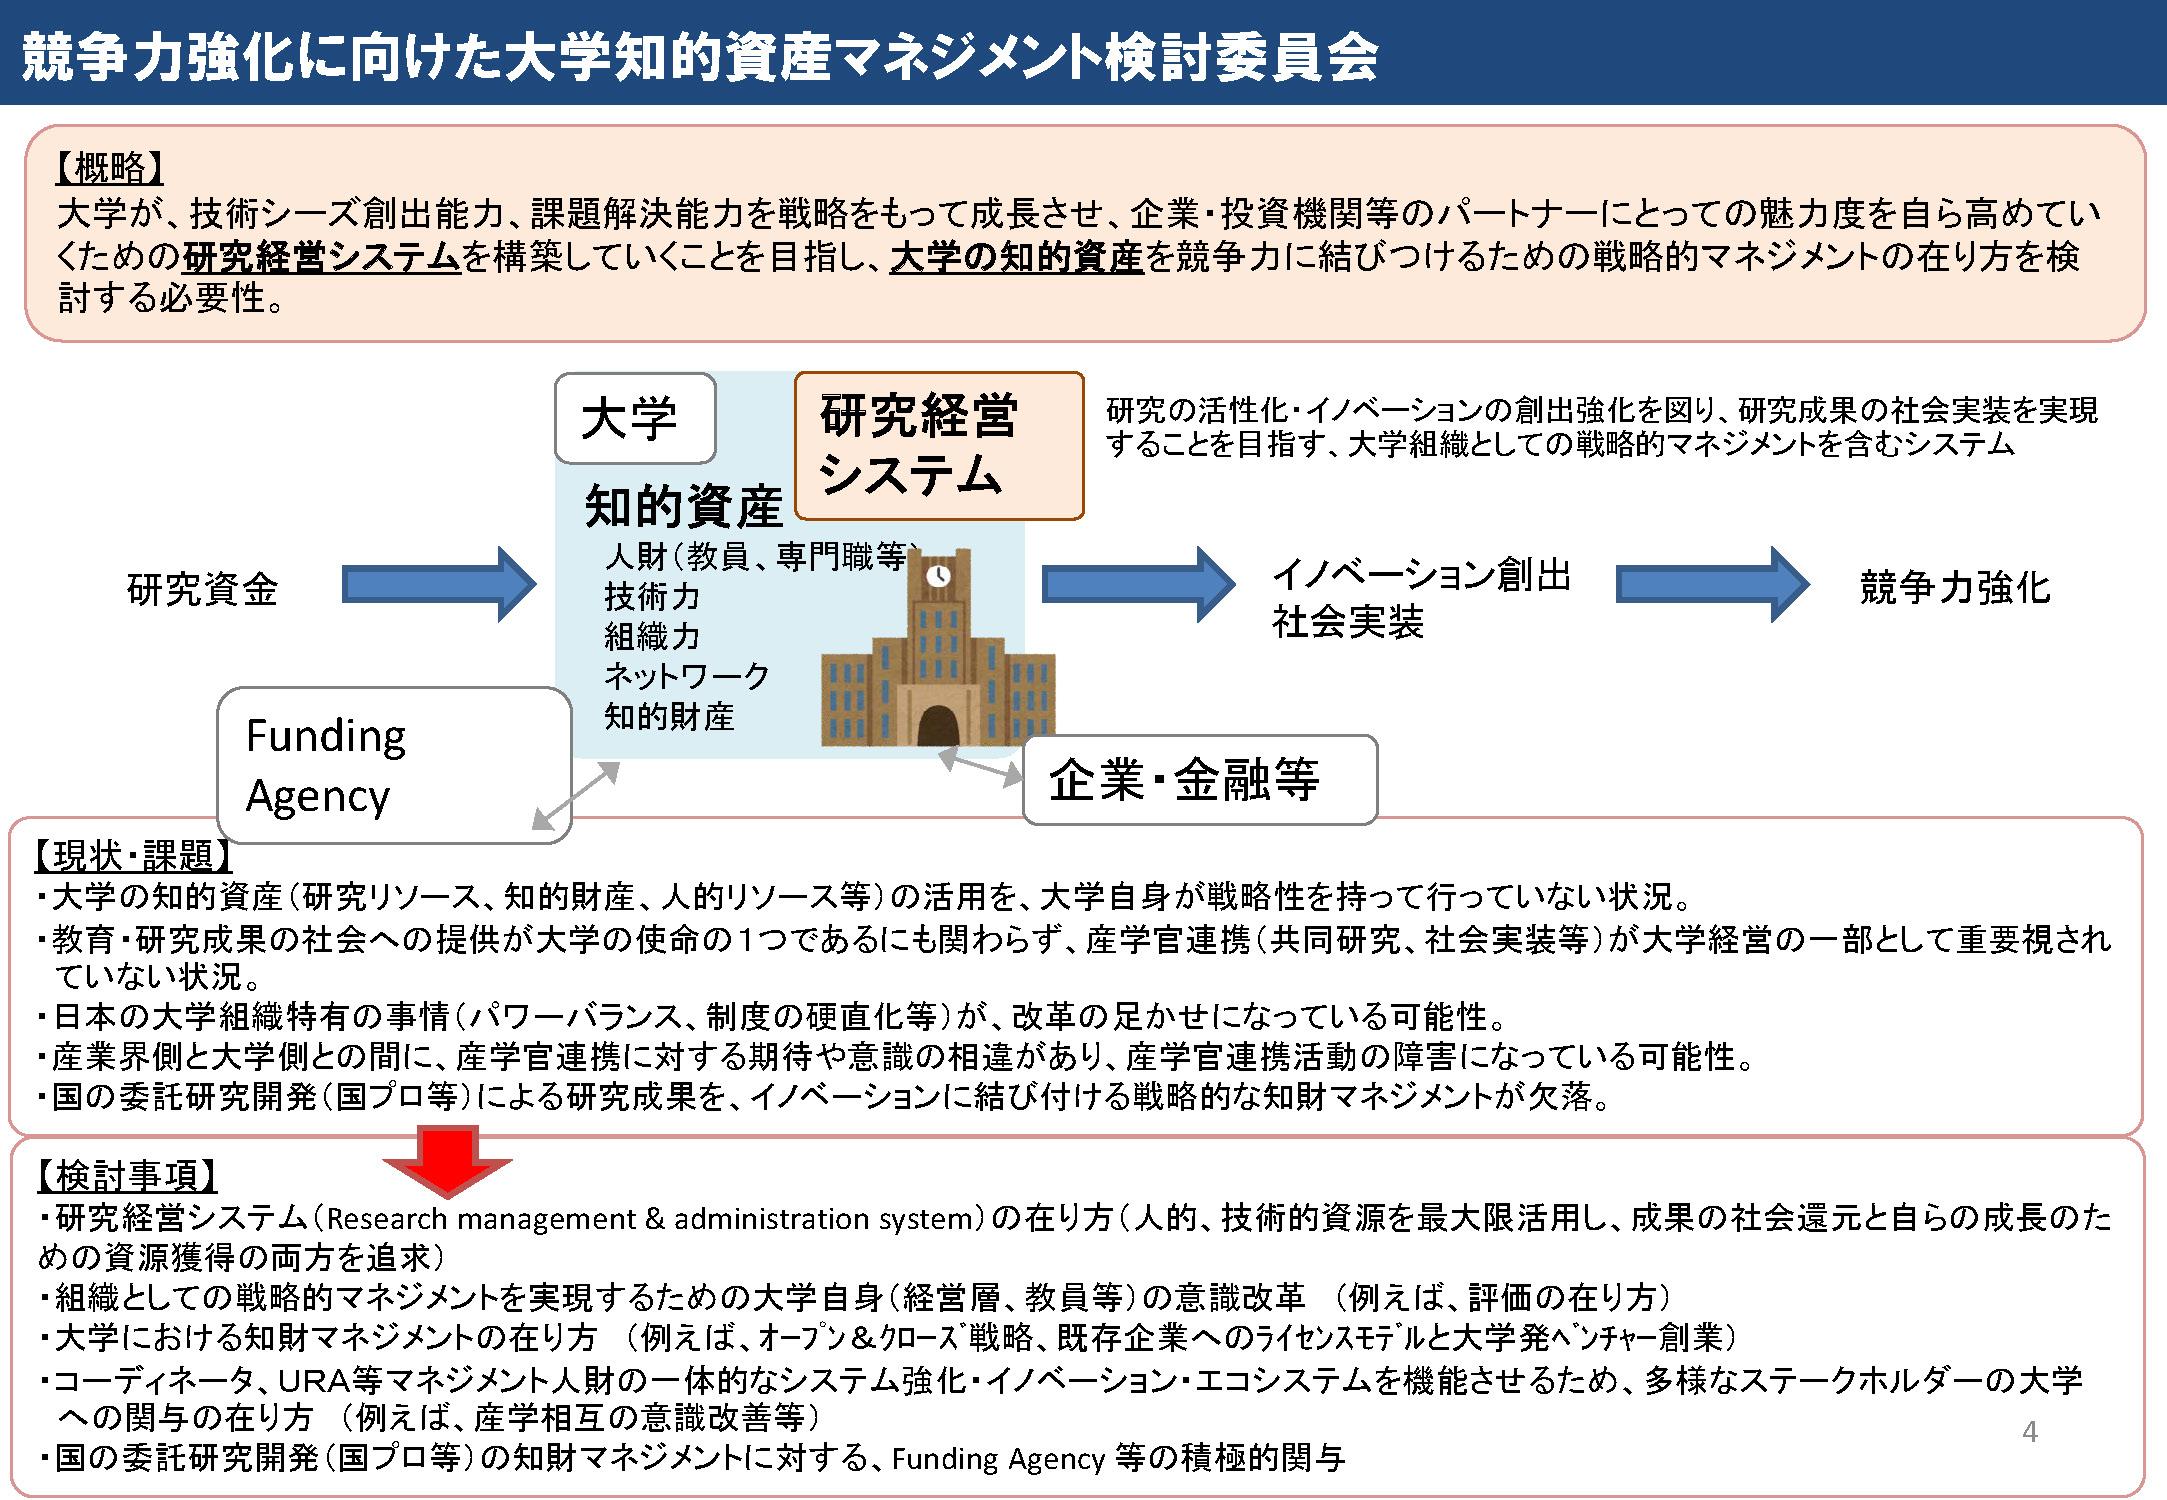 山下氏講演資料1